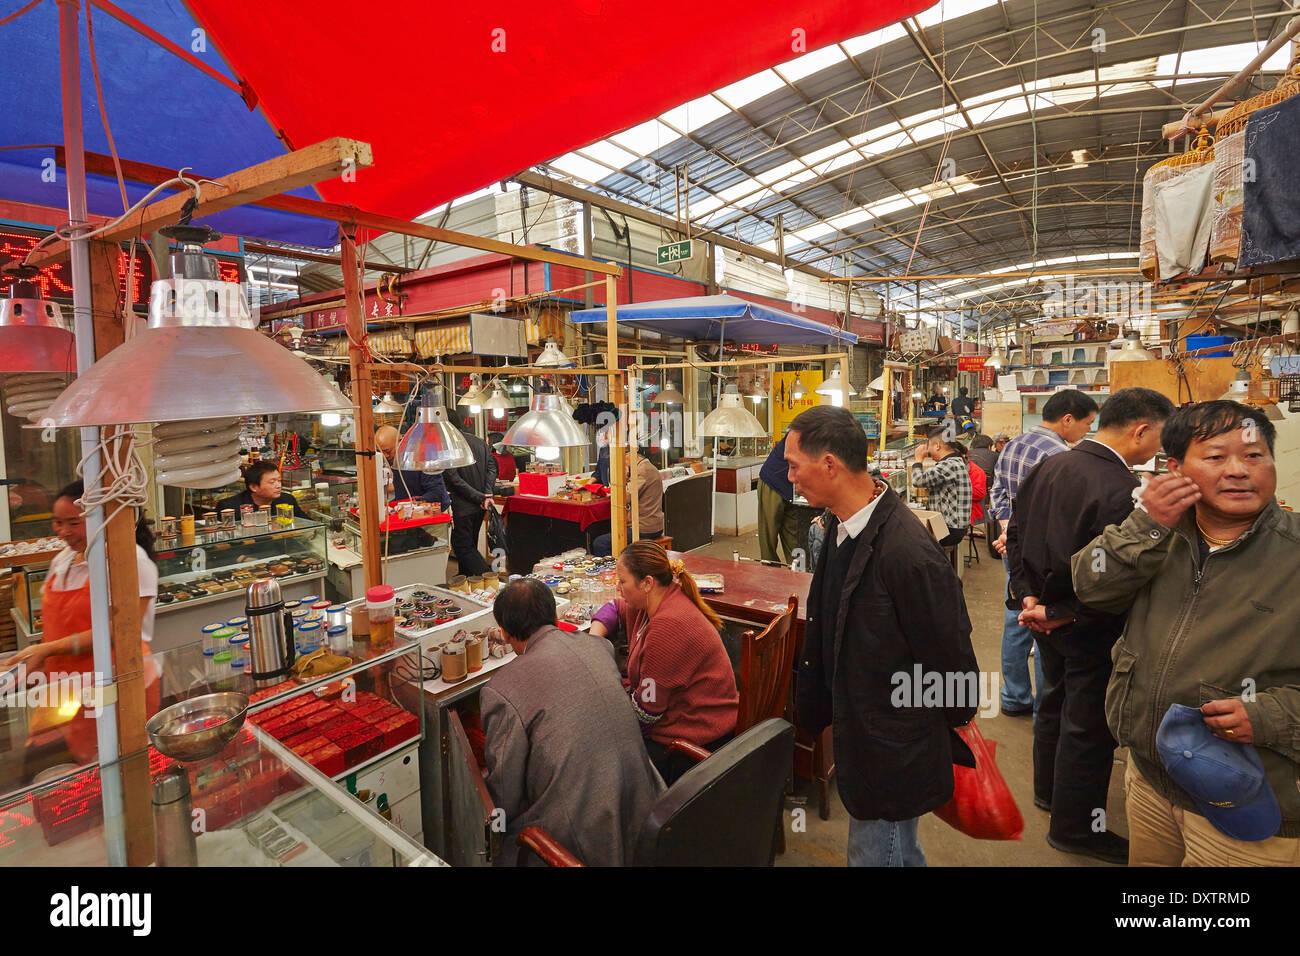 Une arnaque au marché des oiseaux, poissons et insectes, à Shanghai, en Chine. Banque D'Images